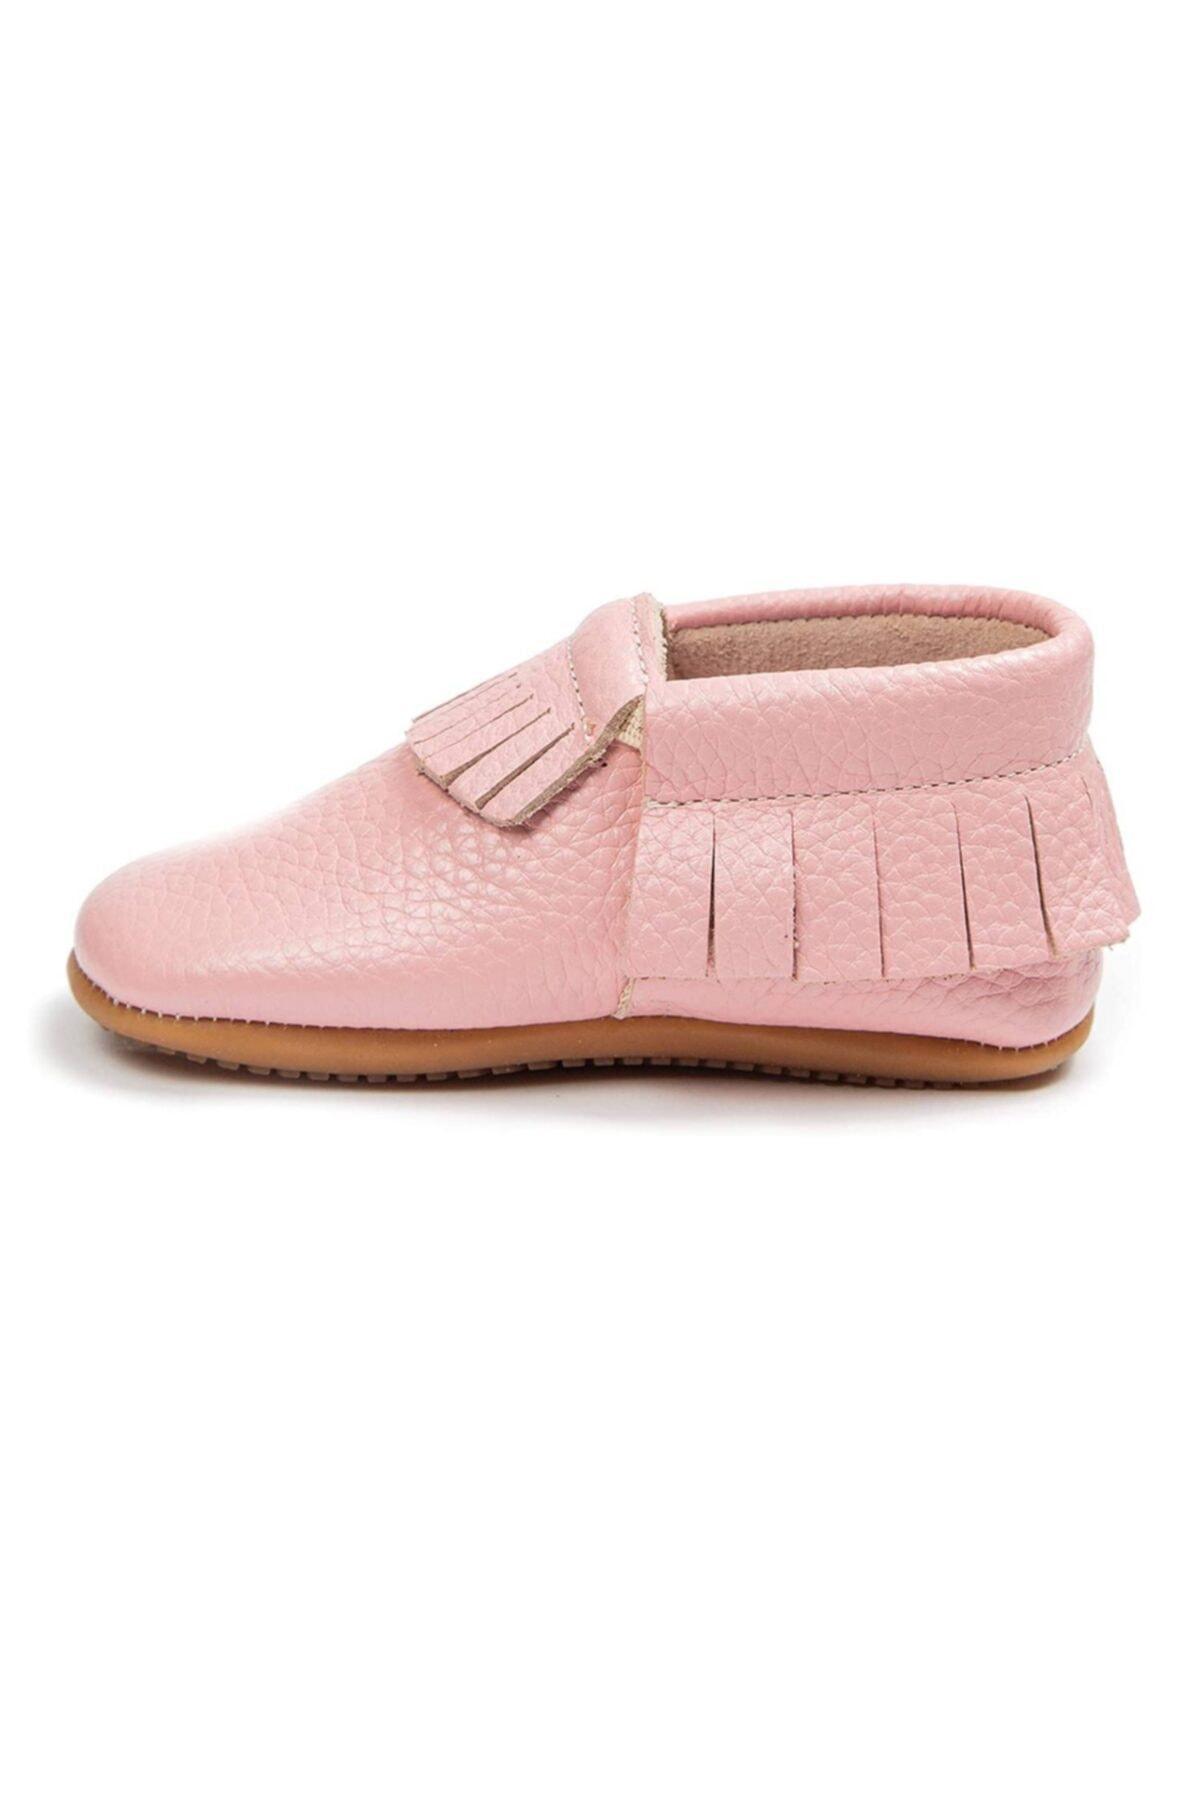 Bebek Makosen Ayakkabı, Ilk Adım Ayakkabısı, Yenidoğan